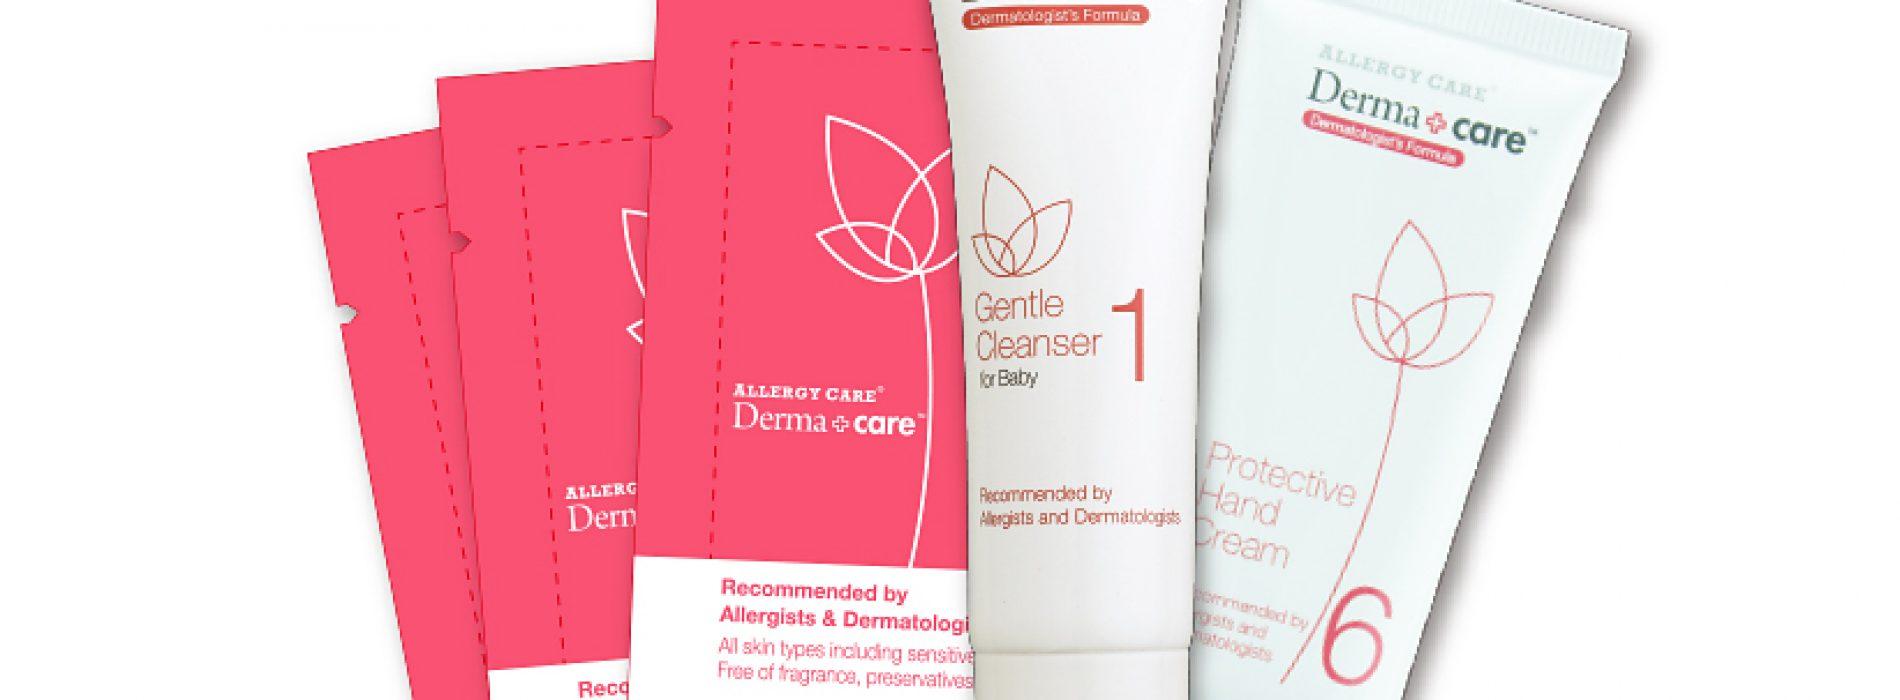 送總值 $28,400「DERMA+CARE嬰兒抗敏皮膚護理產品 」(共210名)